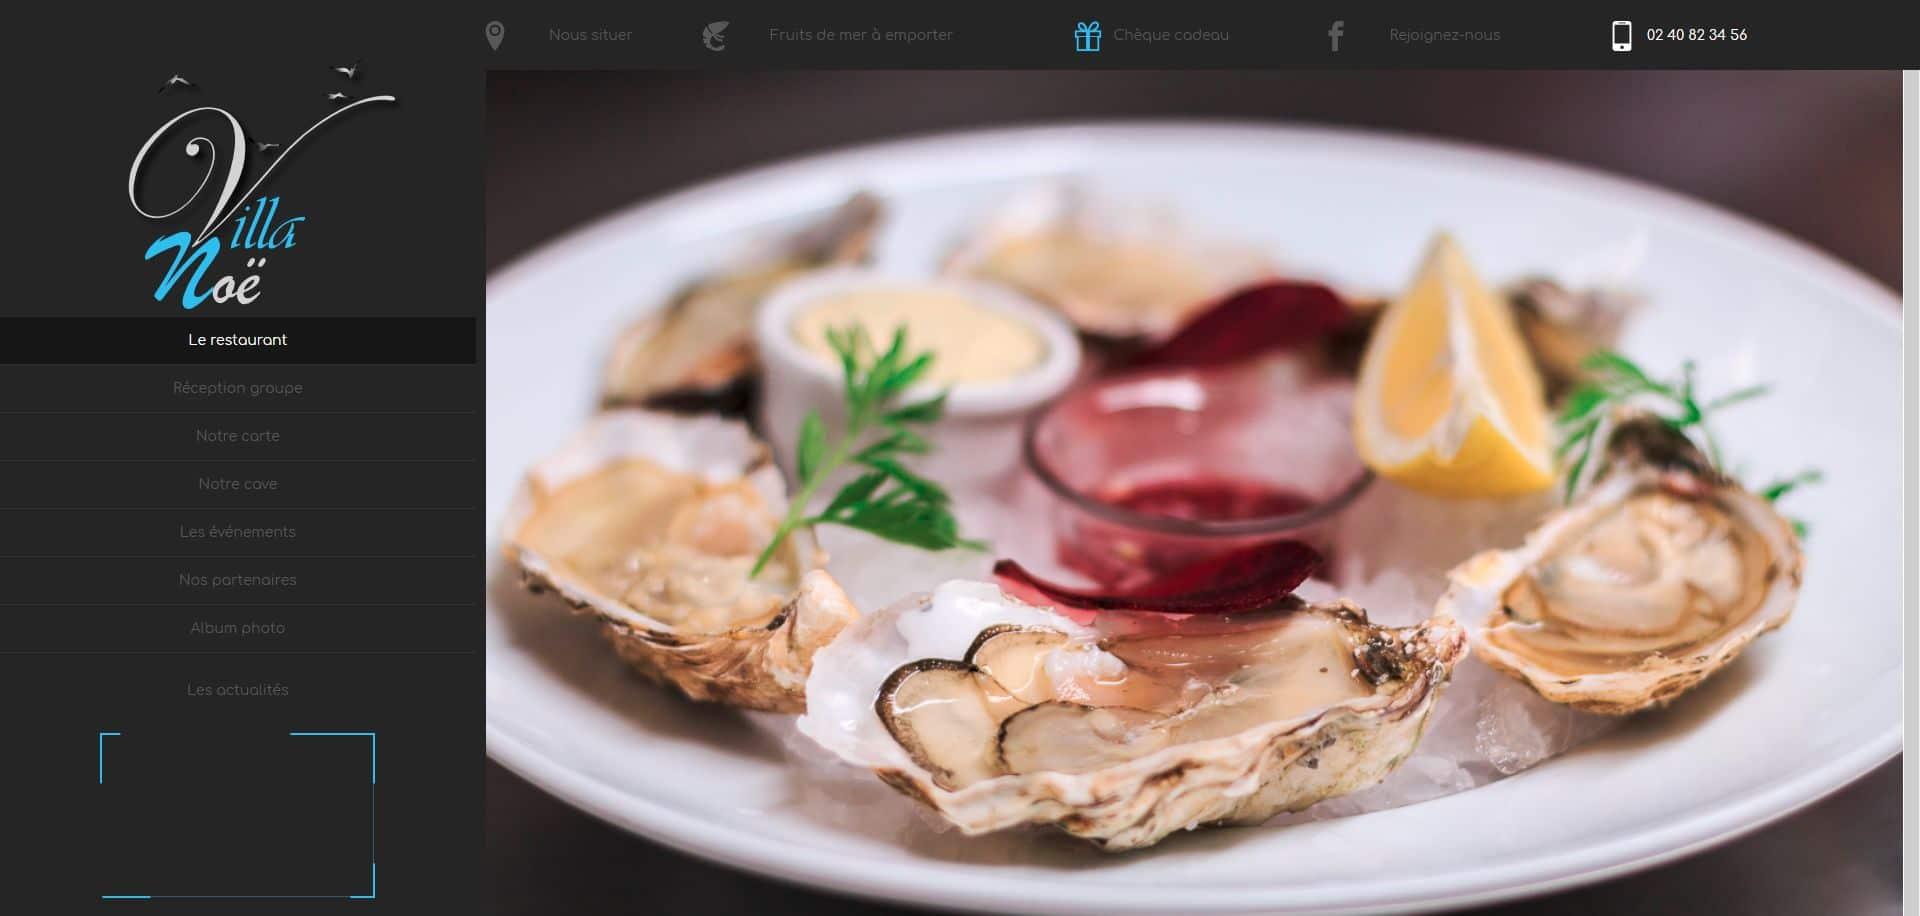 restaurant-villa-noe-acceuil